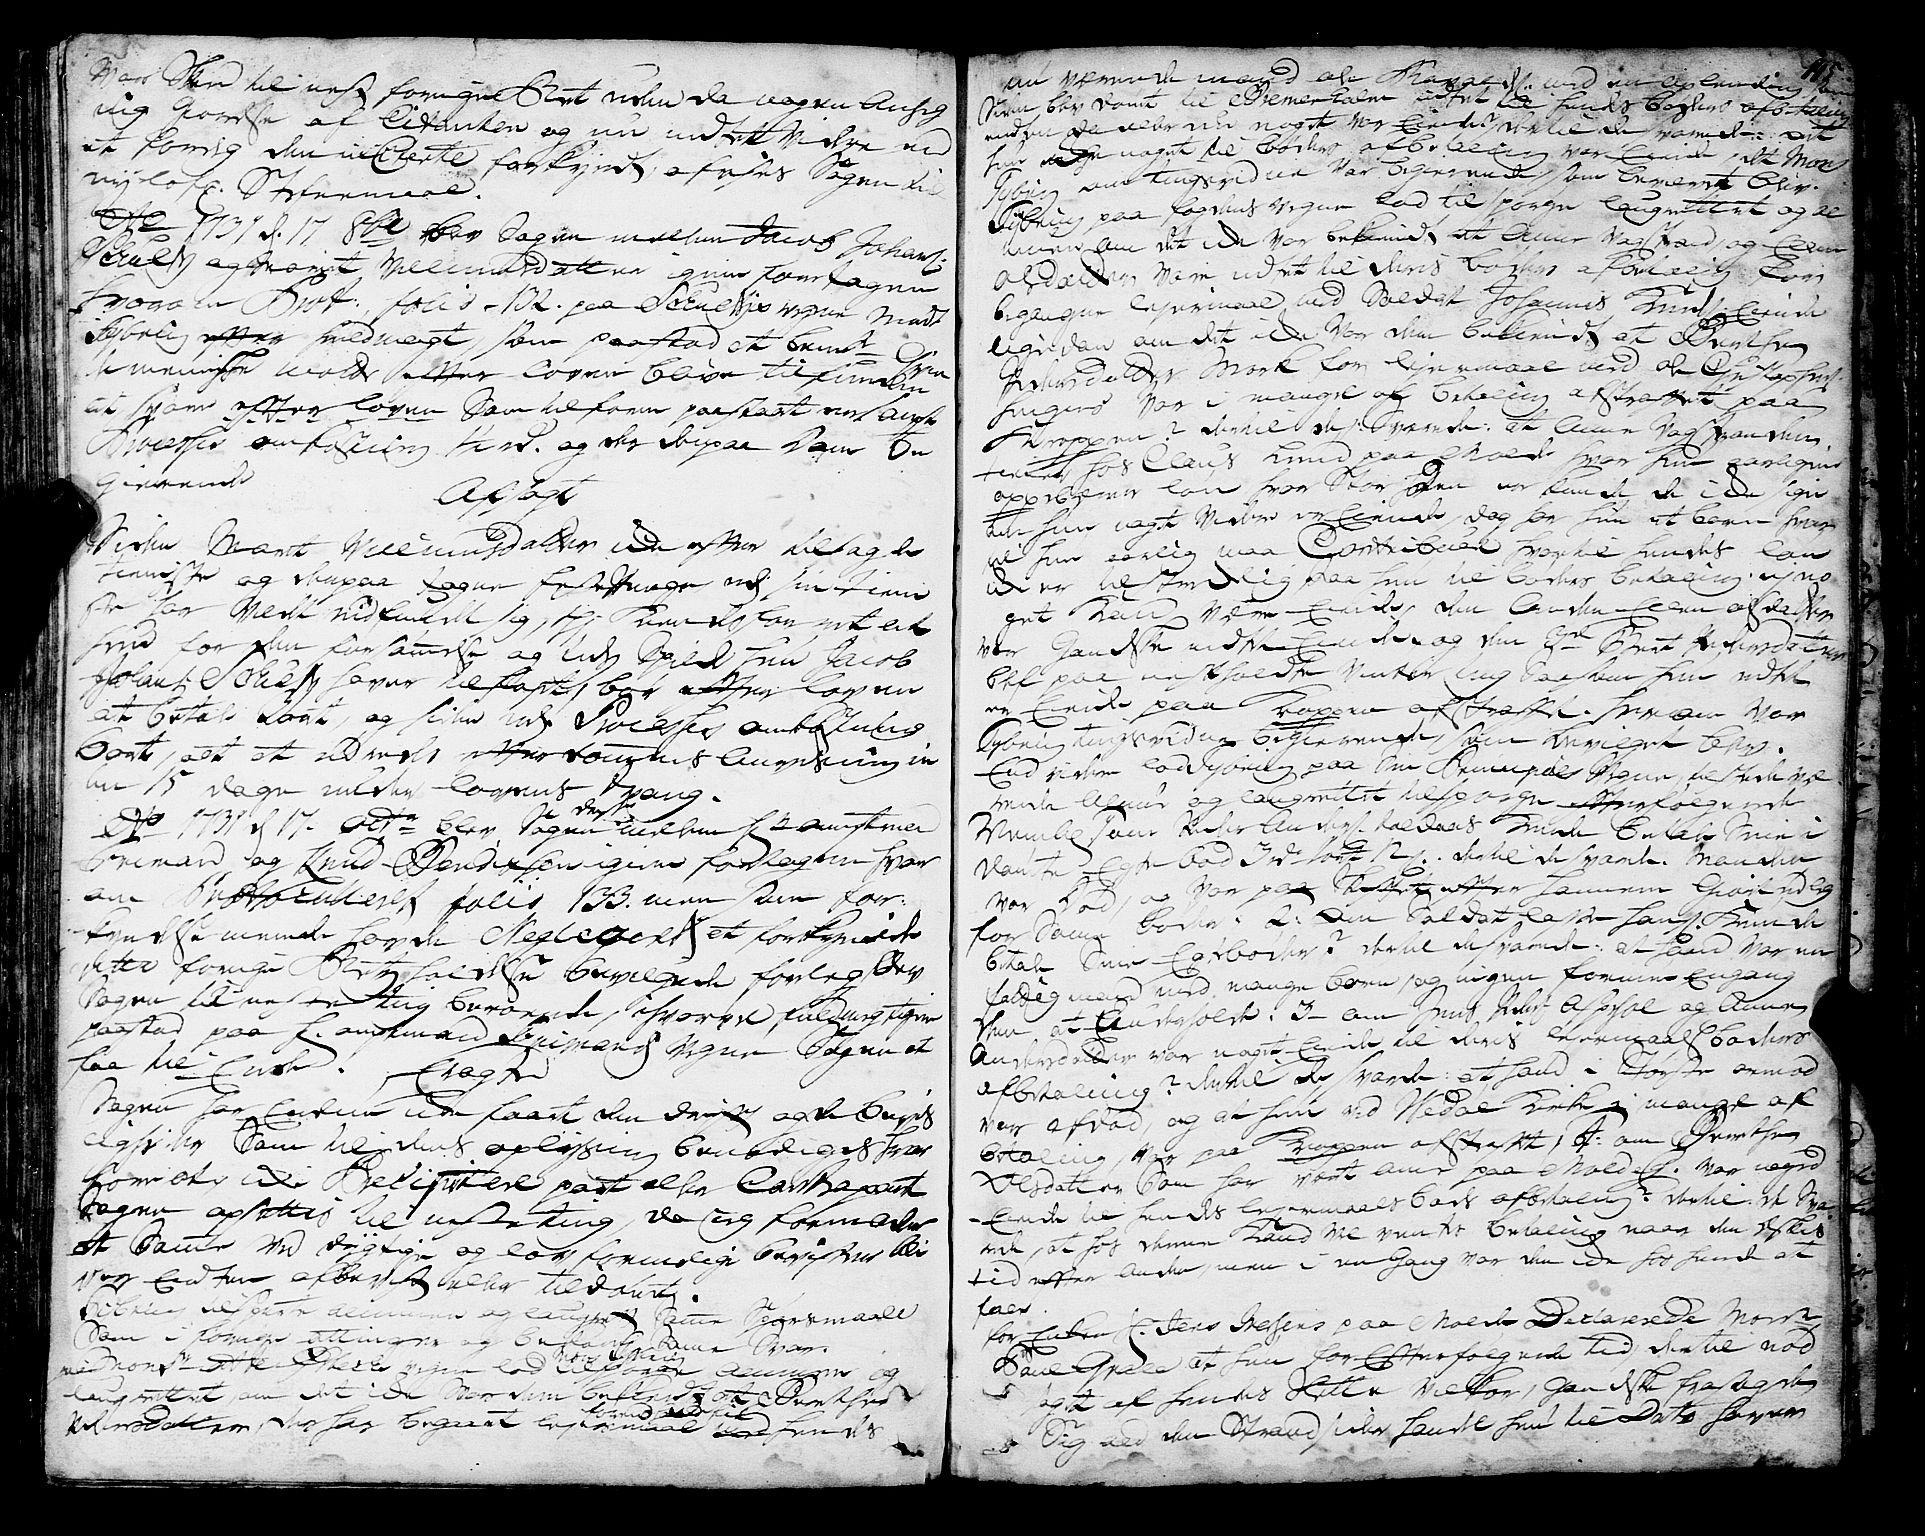 SAT, Romsdal sorenskriveri, 1/1A/L0010: Tingbok, 1728-1732, s. 145